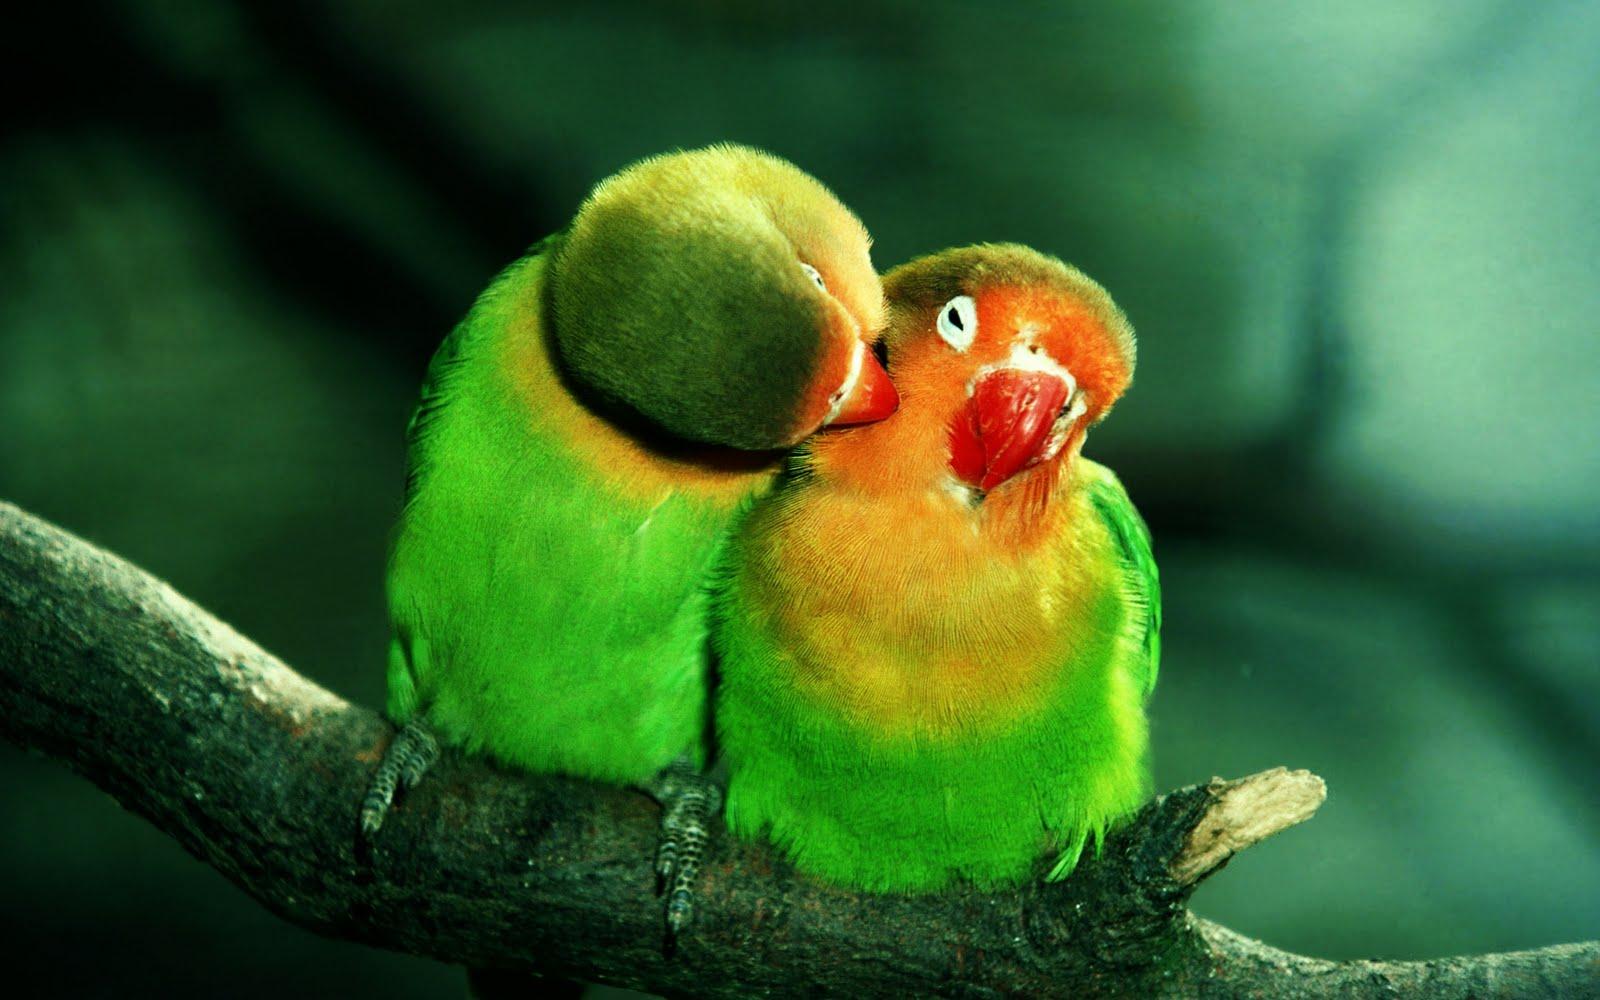 Pericos enamorados - Parrots in love (1920x1200)